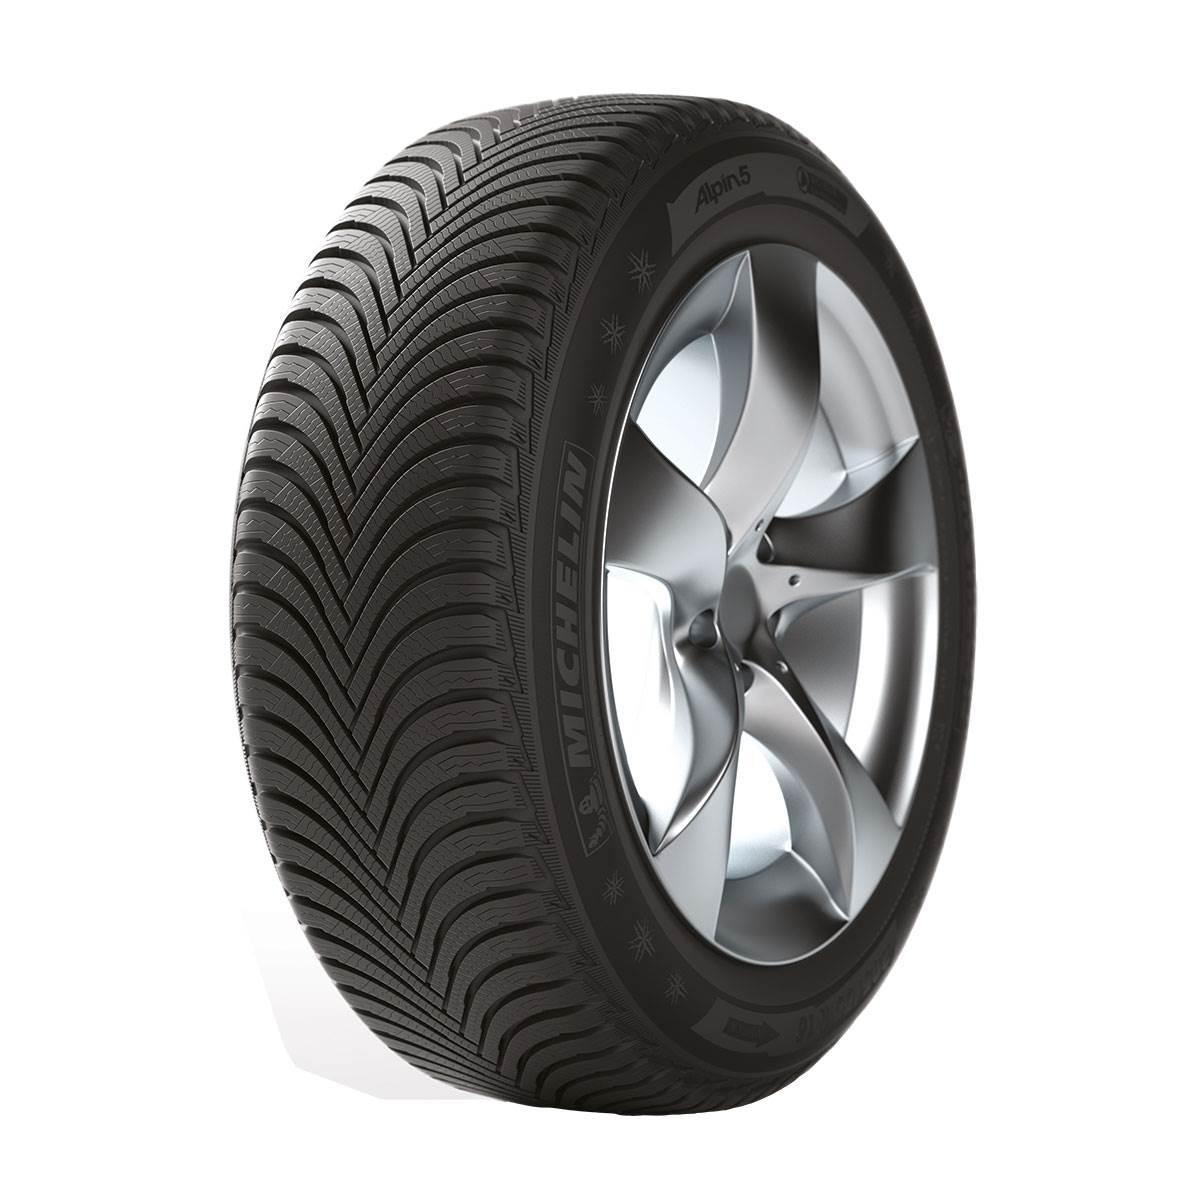 Pneu Hiver Michelin 205/55R16 94H Alpin A5 XL